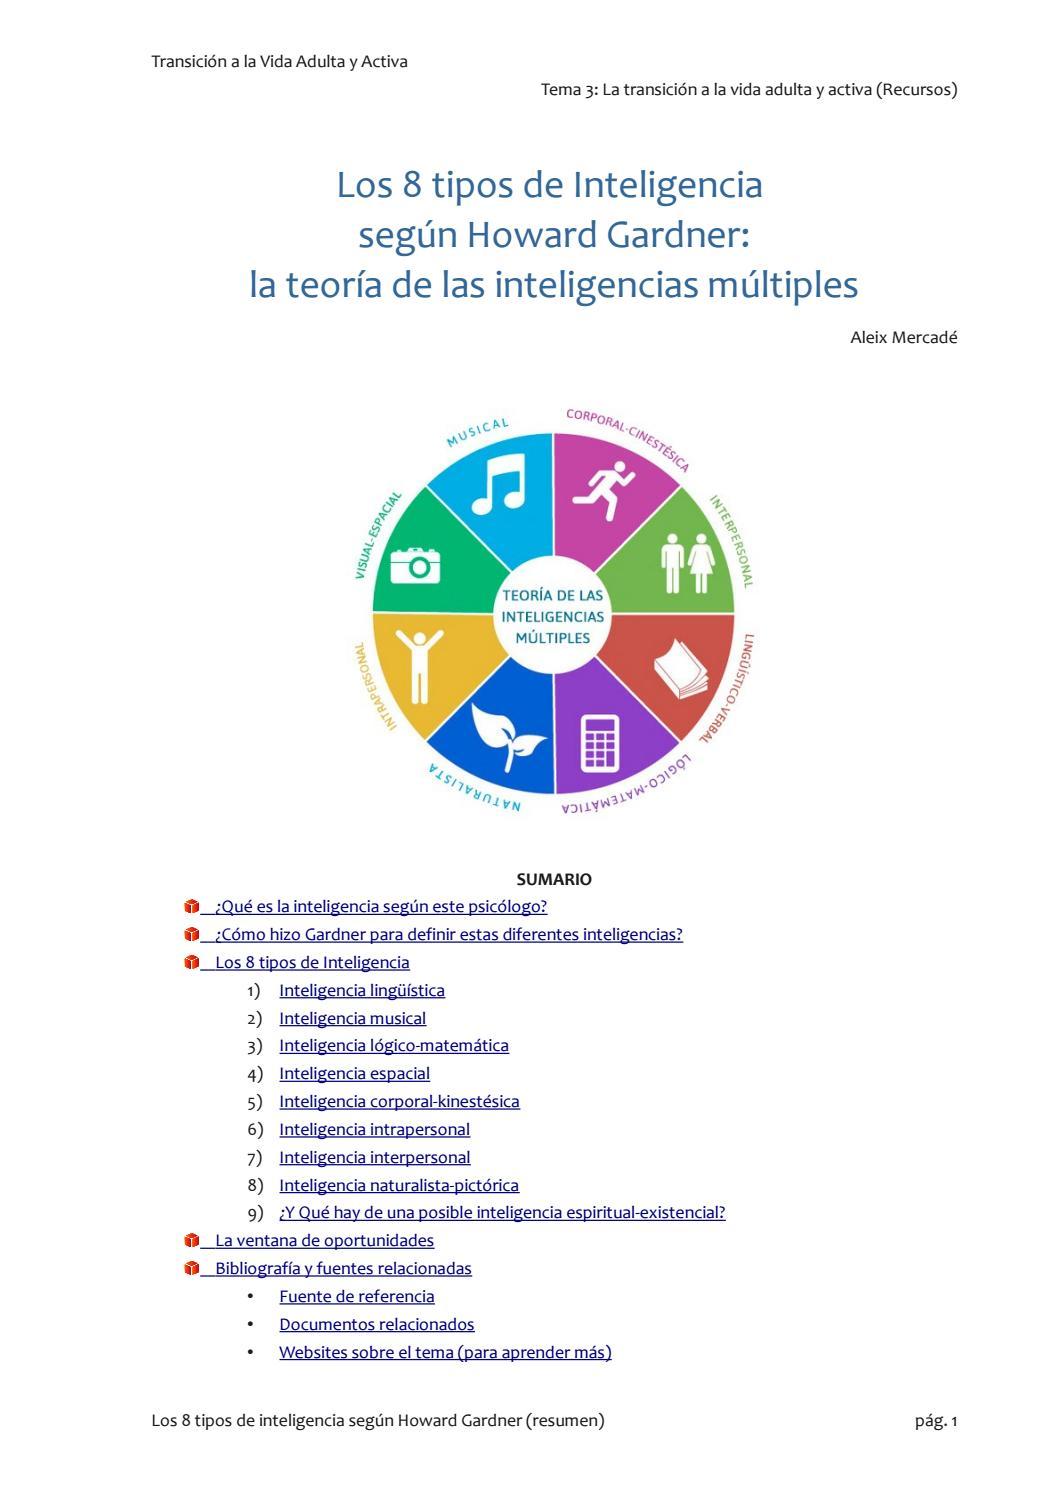 Los 8 Tipos De Inteligencia Segun Howard Gardner By Nicole Guerrero Issuu